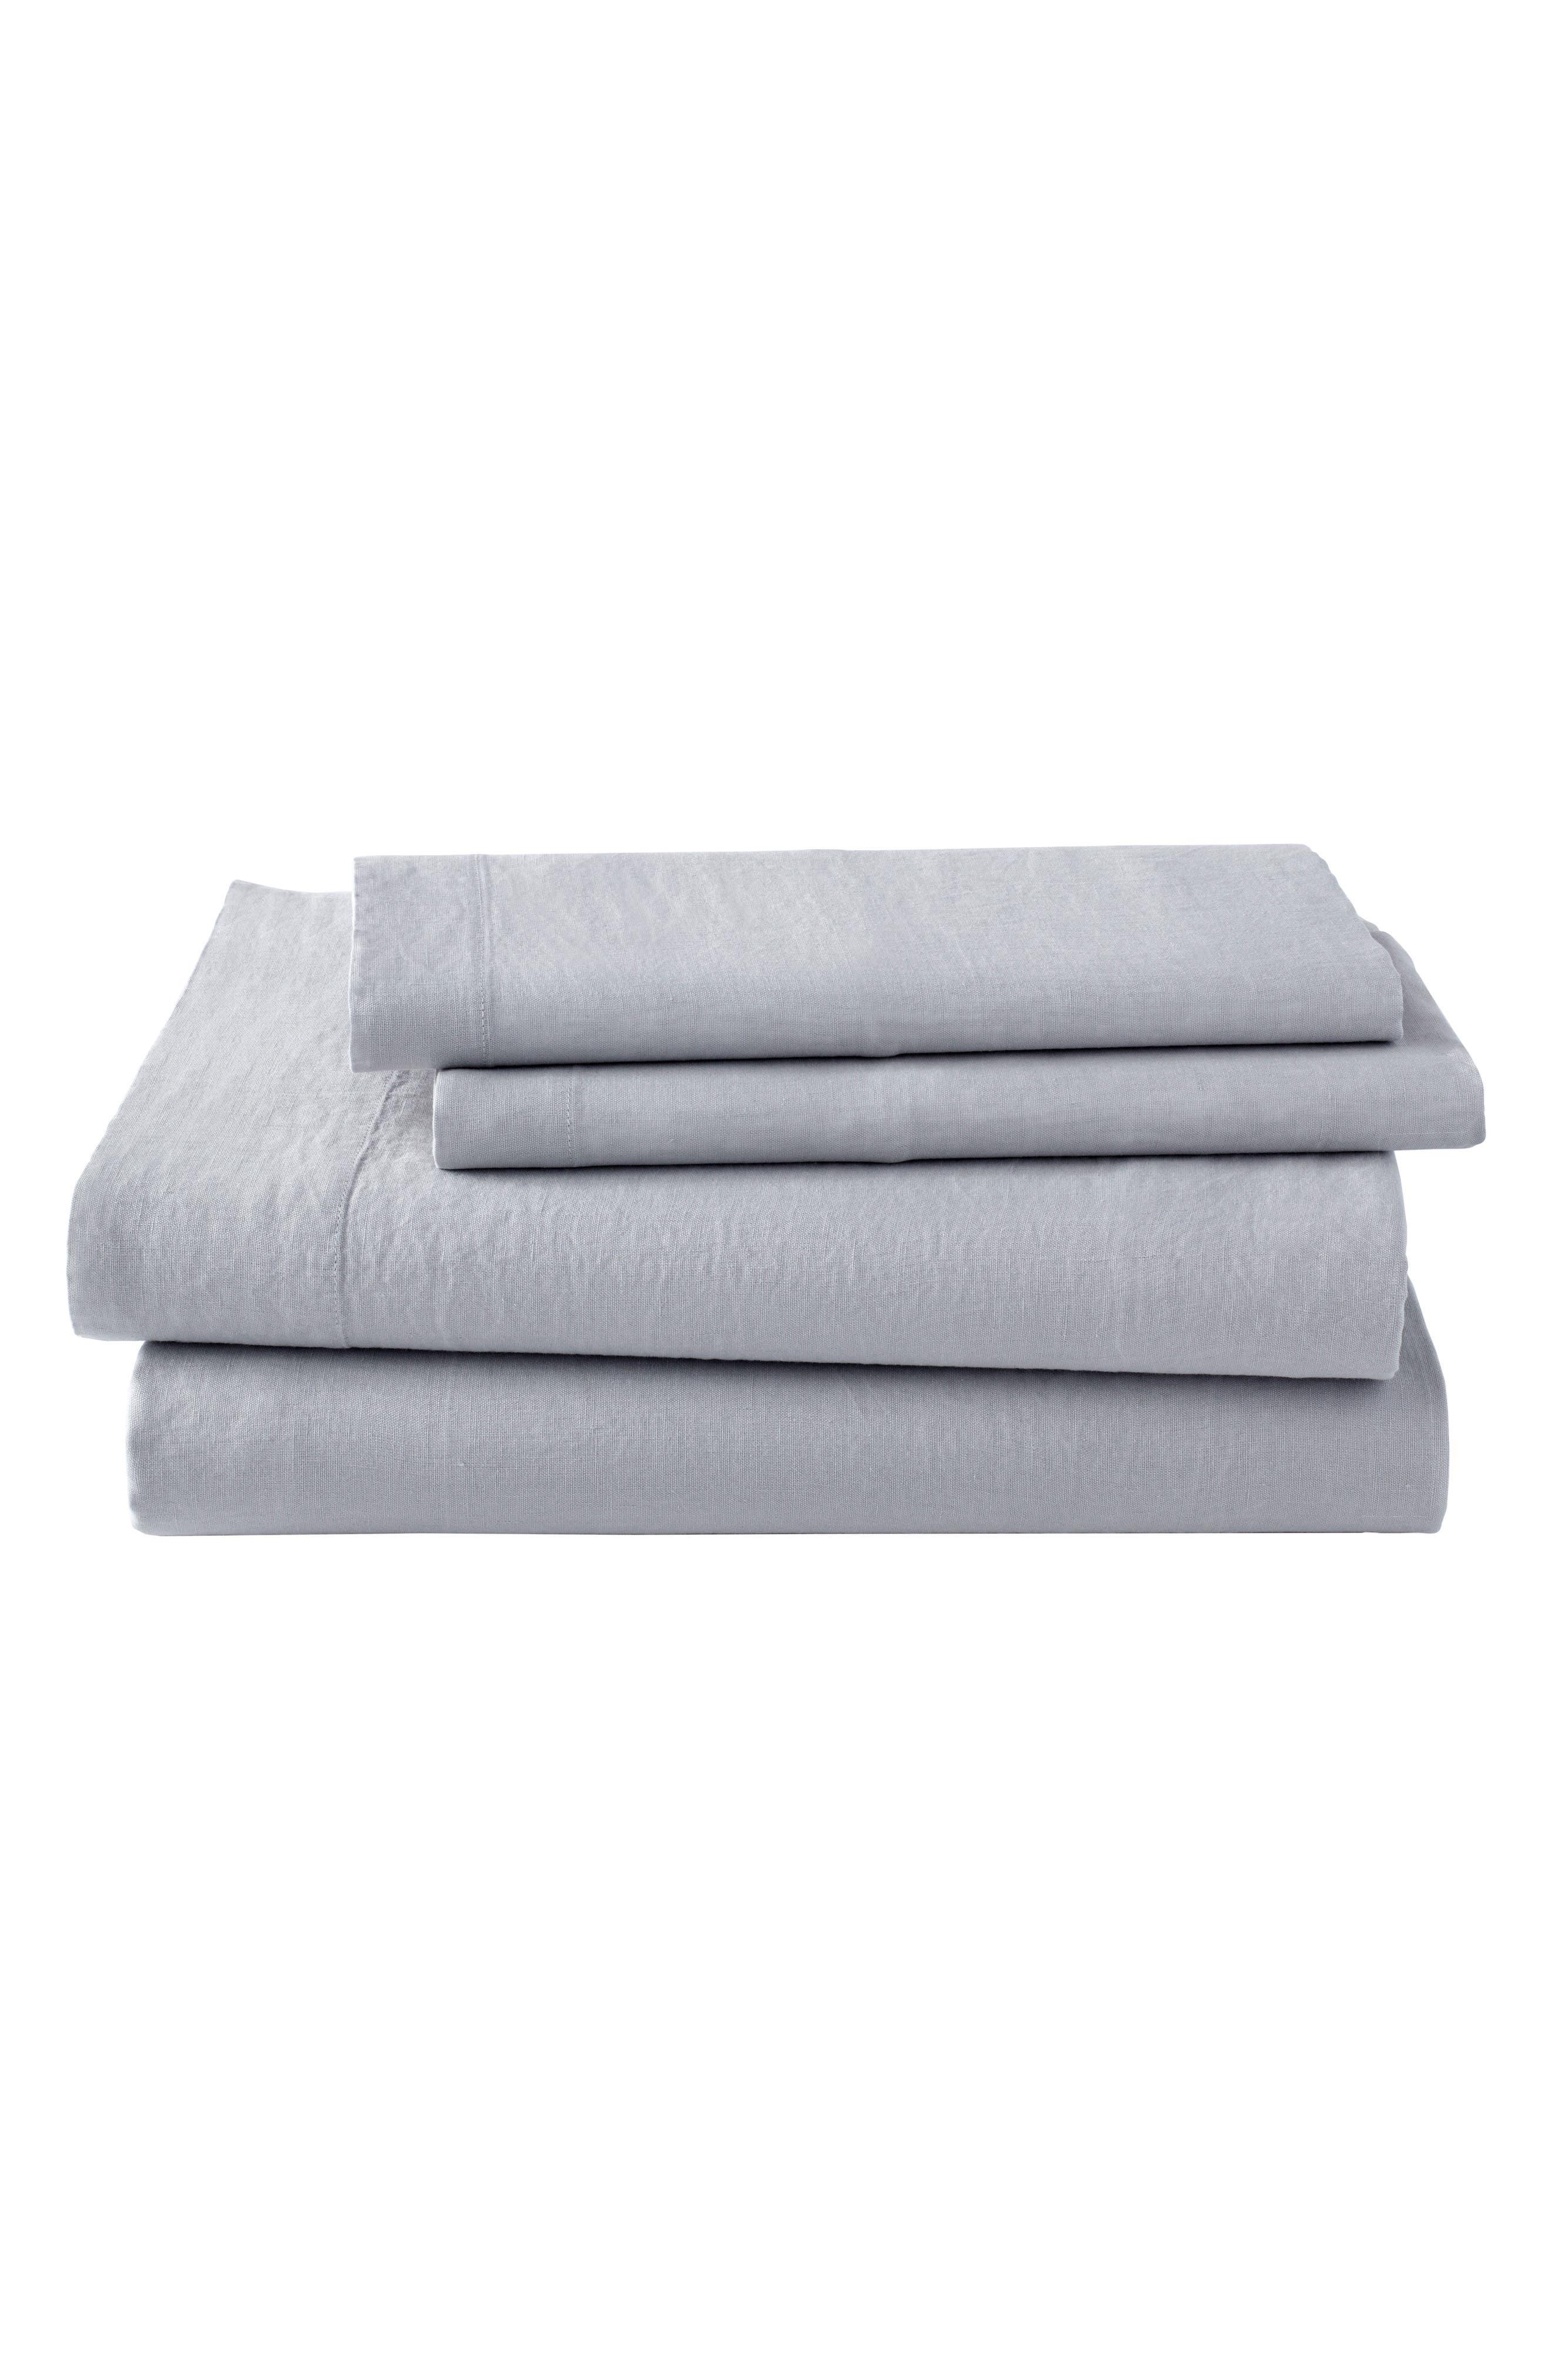 KASSATEX Lino Linen 300 Thread Count Pillowcase